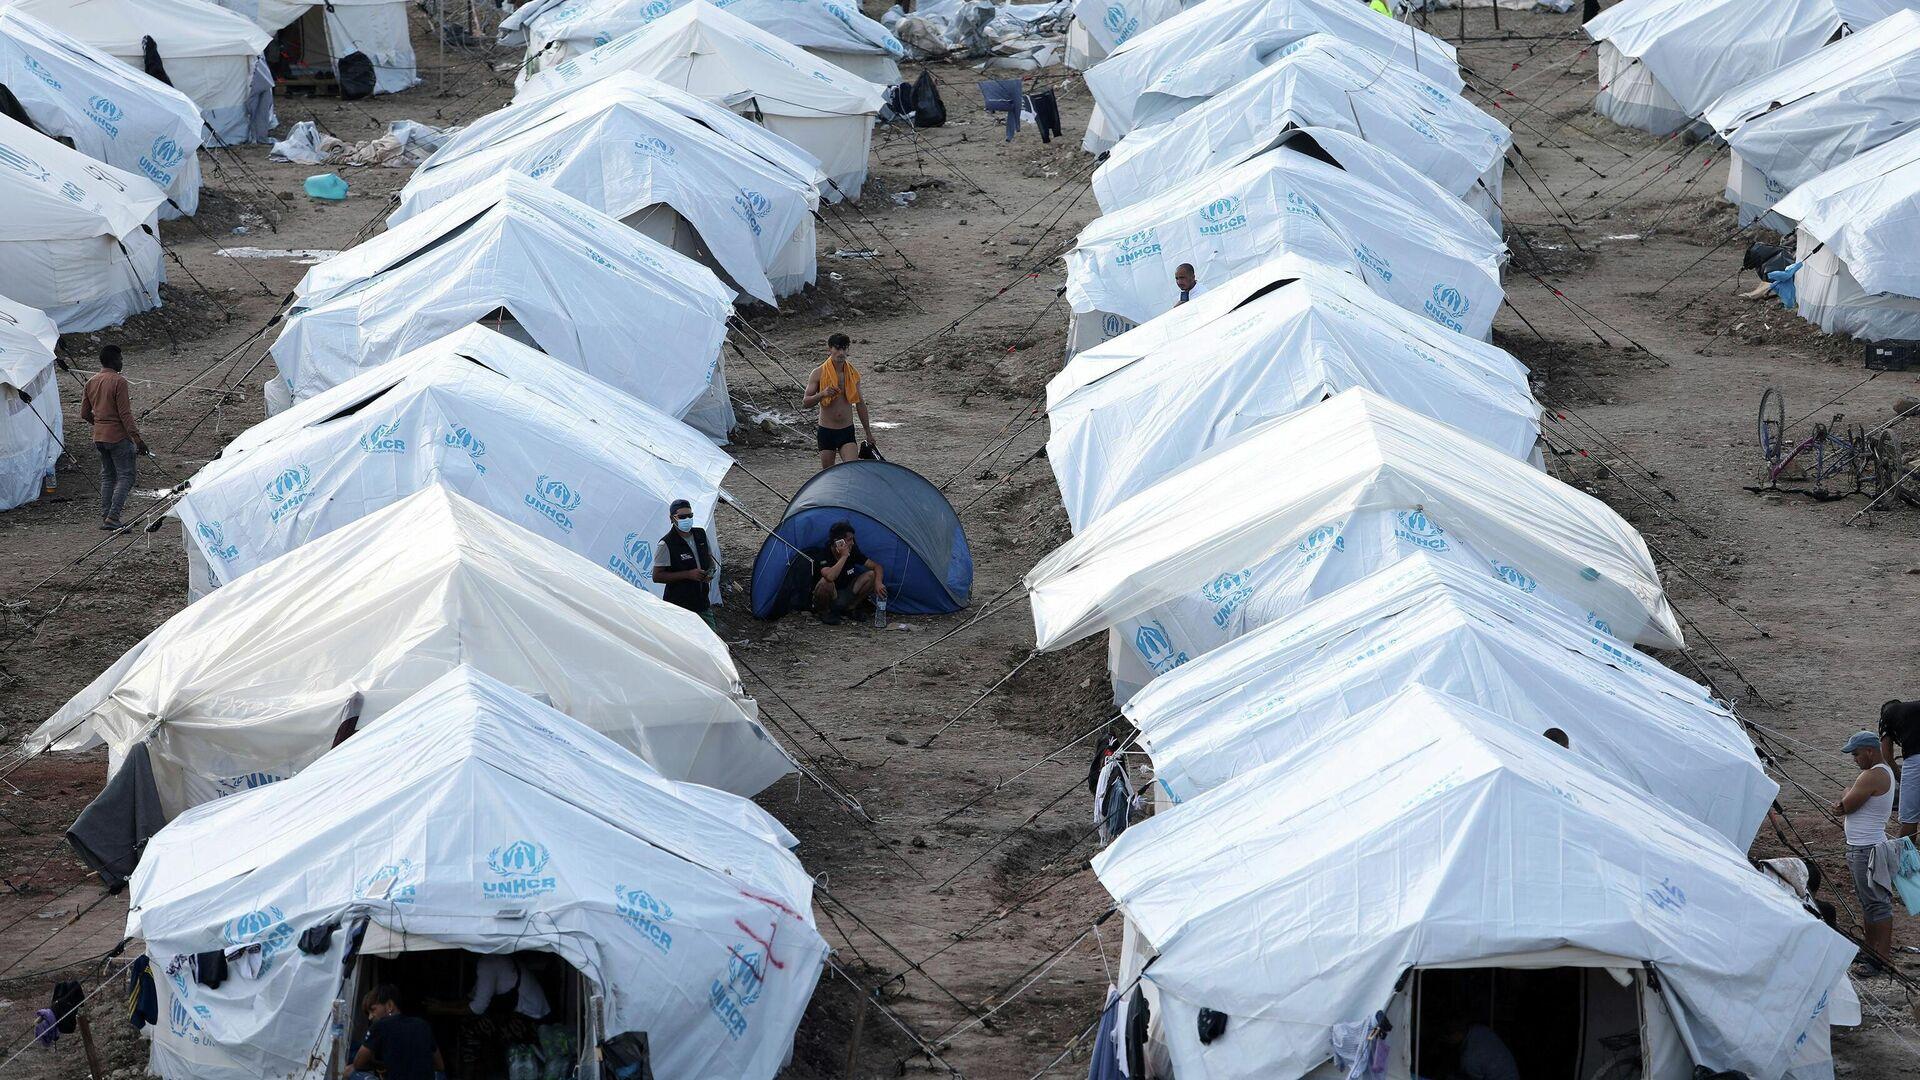 Migrantenlager Kara Tepe auf der griechischen Insel Lesbos (Archivbild) - SNA, 1920, 16.02.2021